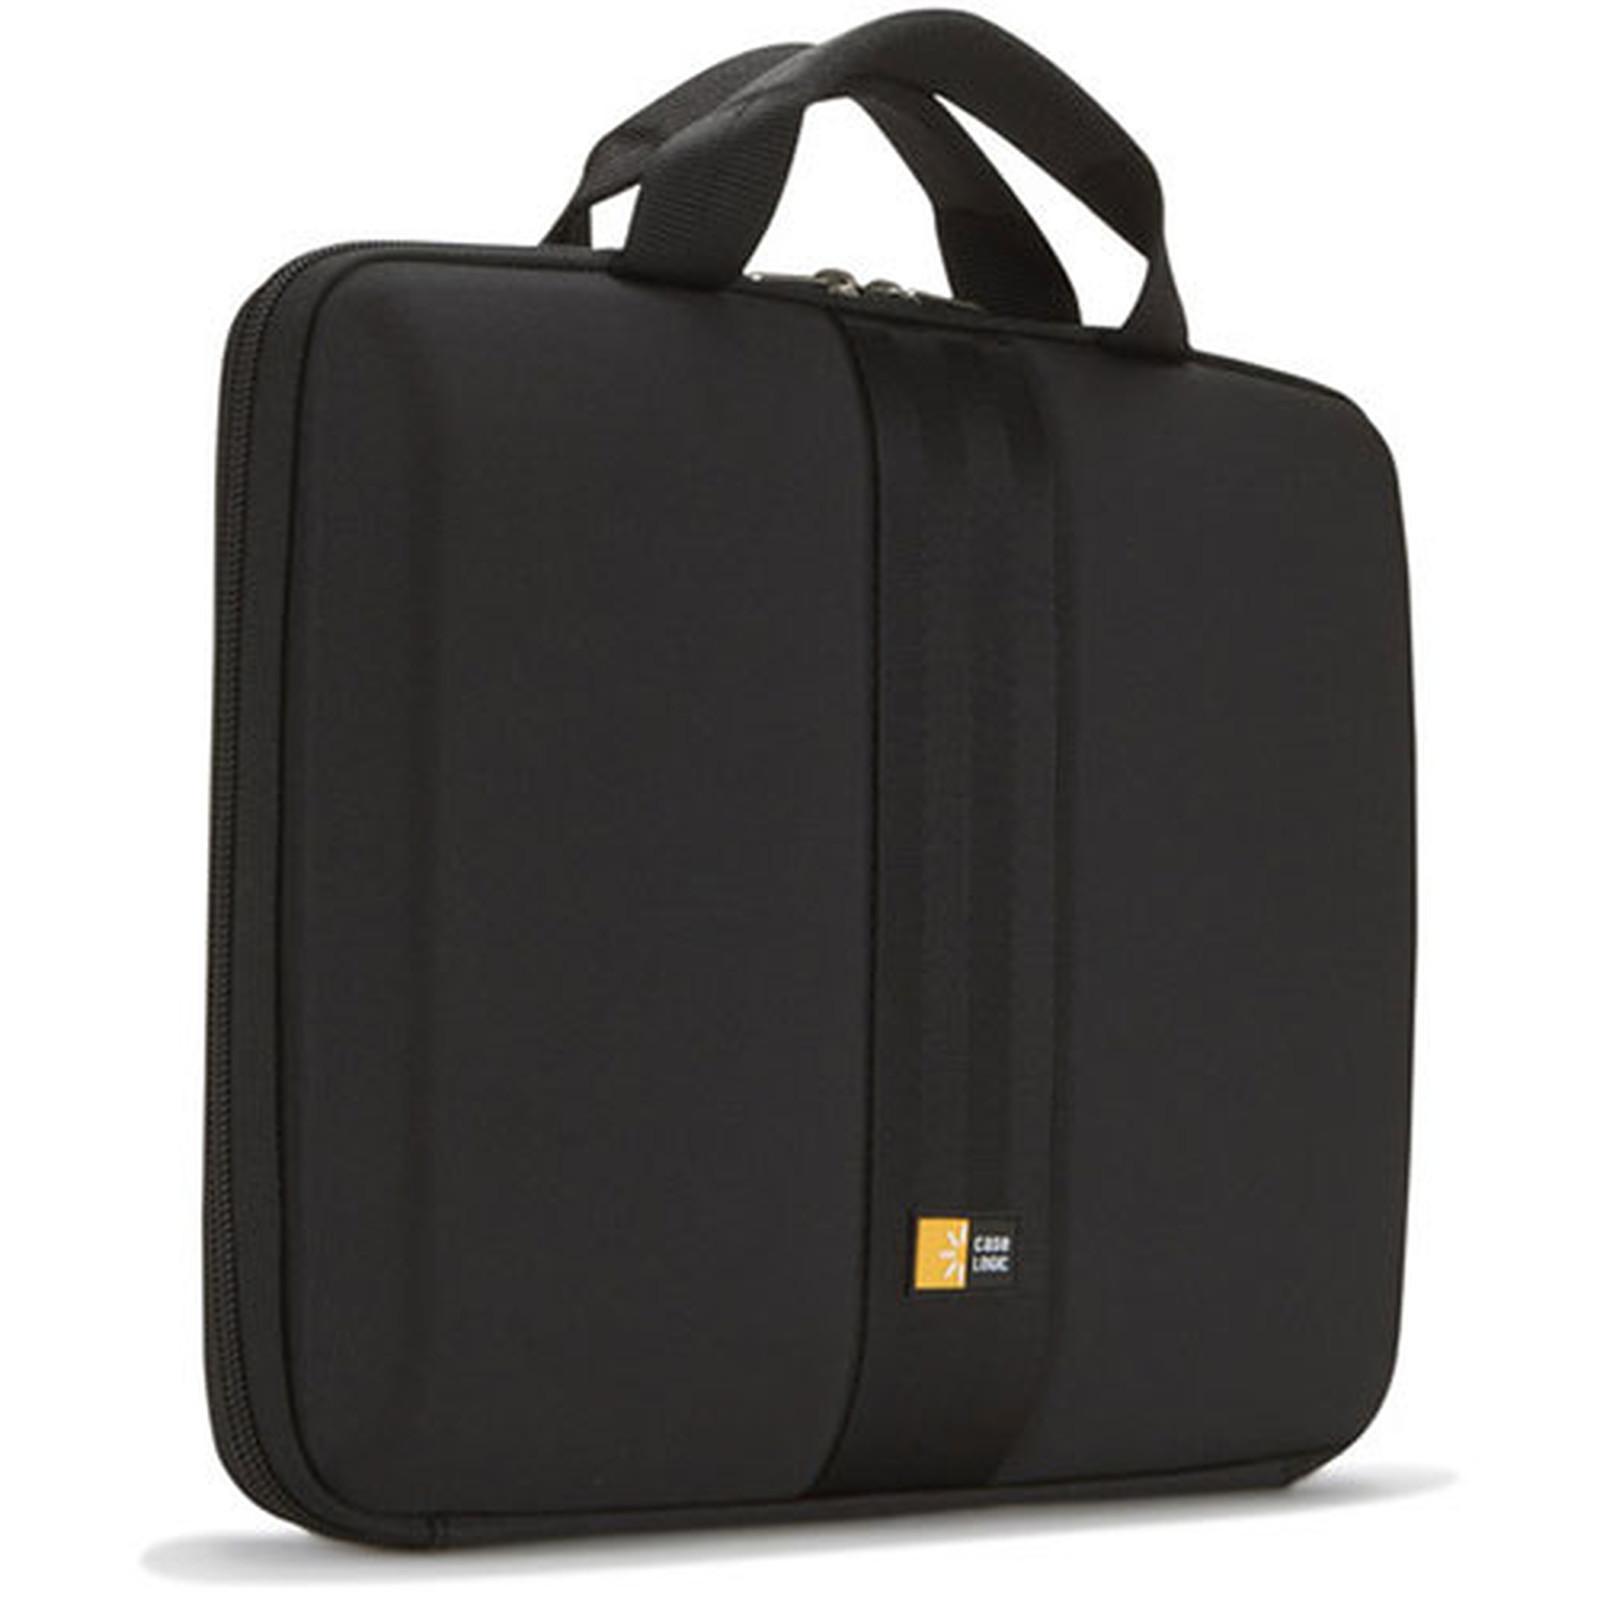 34c1d41d0e Case Logic QNS-113 Sacoche à coque semi-rigide et rembourrée pour  ordinateur portable ...